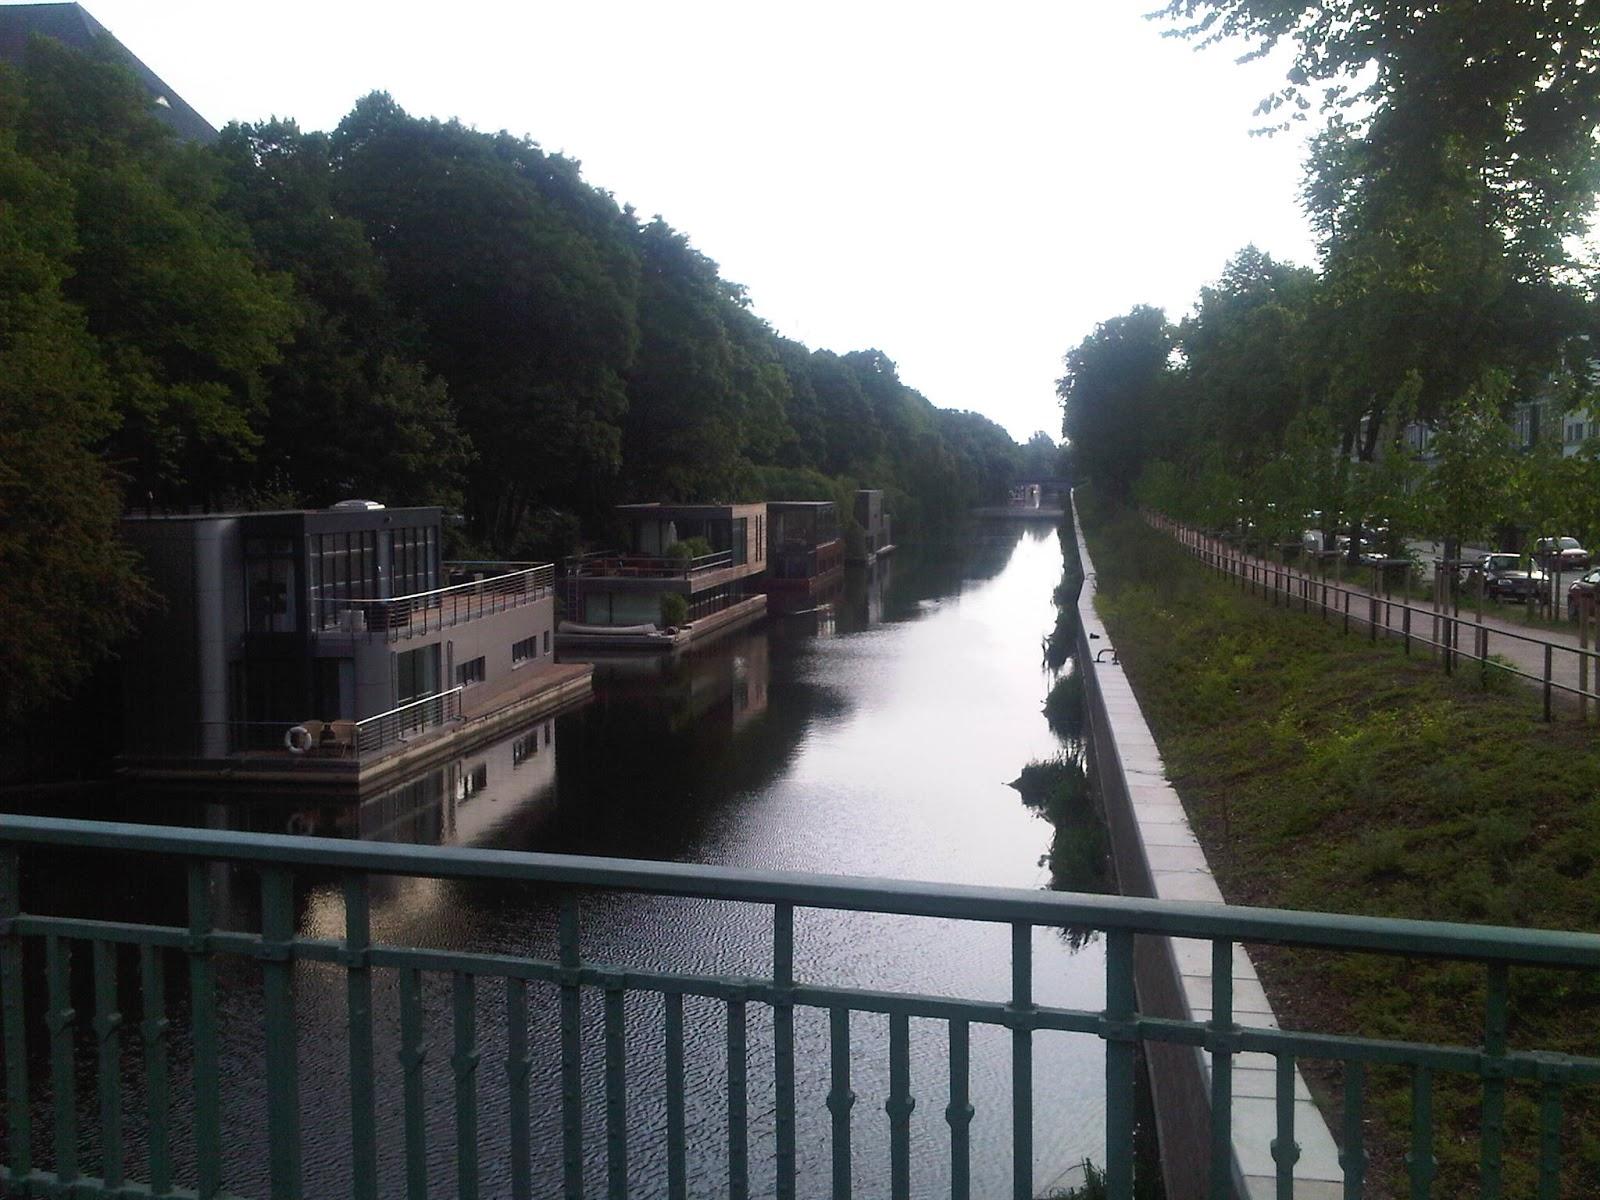 Eilbekkanal am Morgen mit Hausbooten, ruhiges Wasser, Bäume, Spiegelung auf dem Wasser, grünes Ufer.